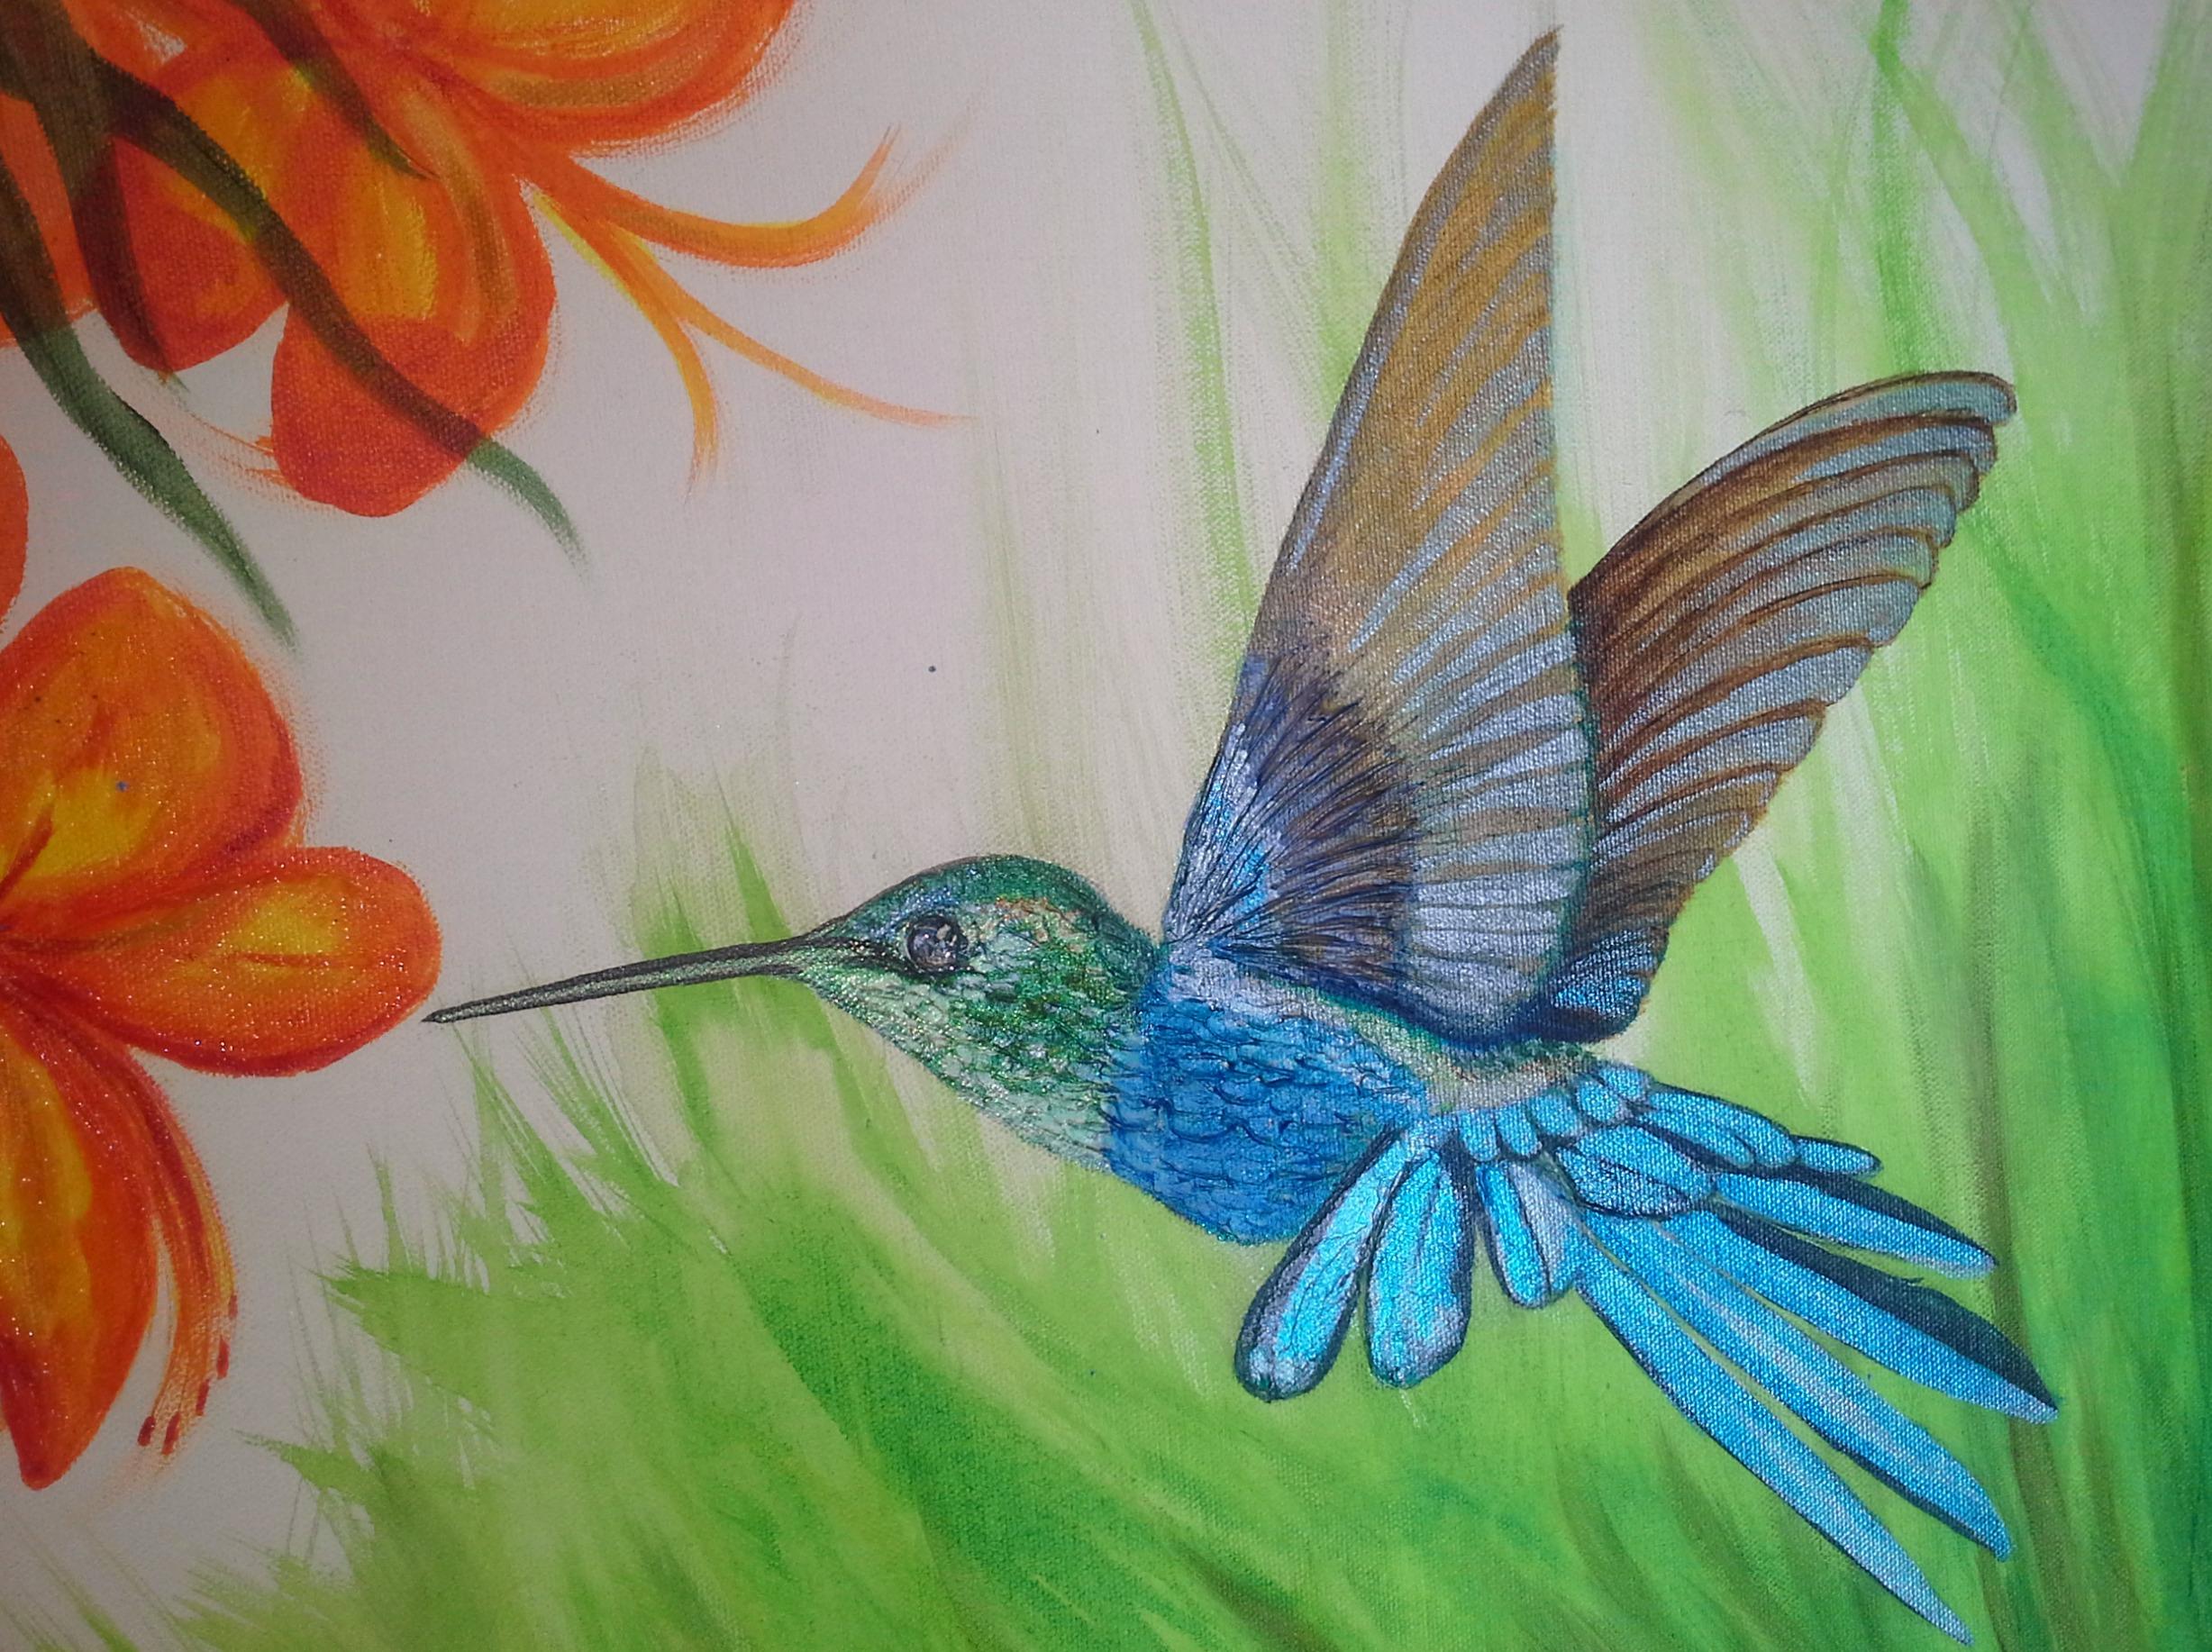 Humming bird close up